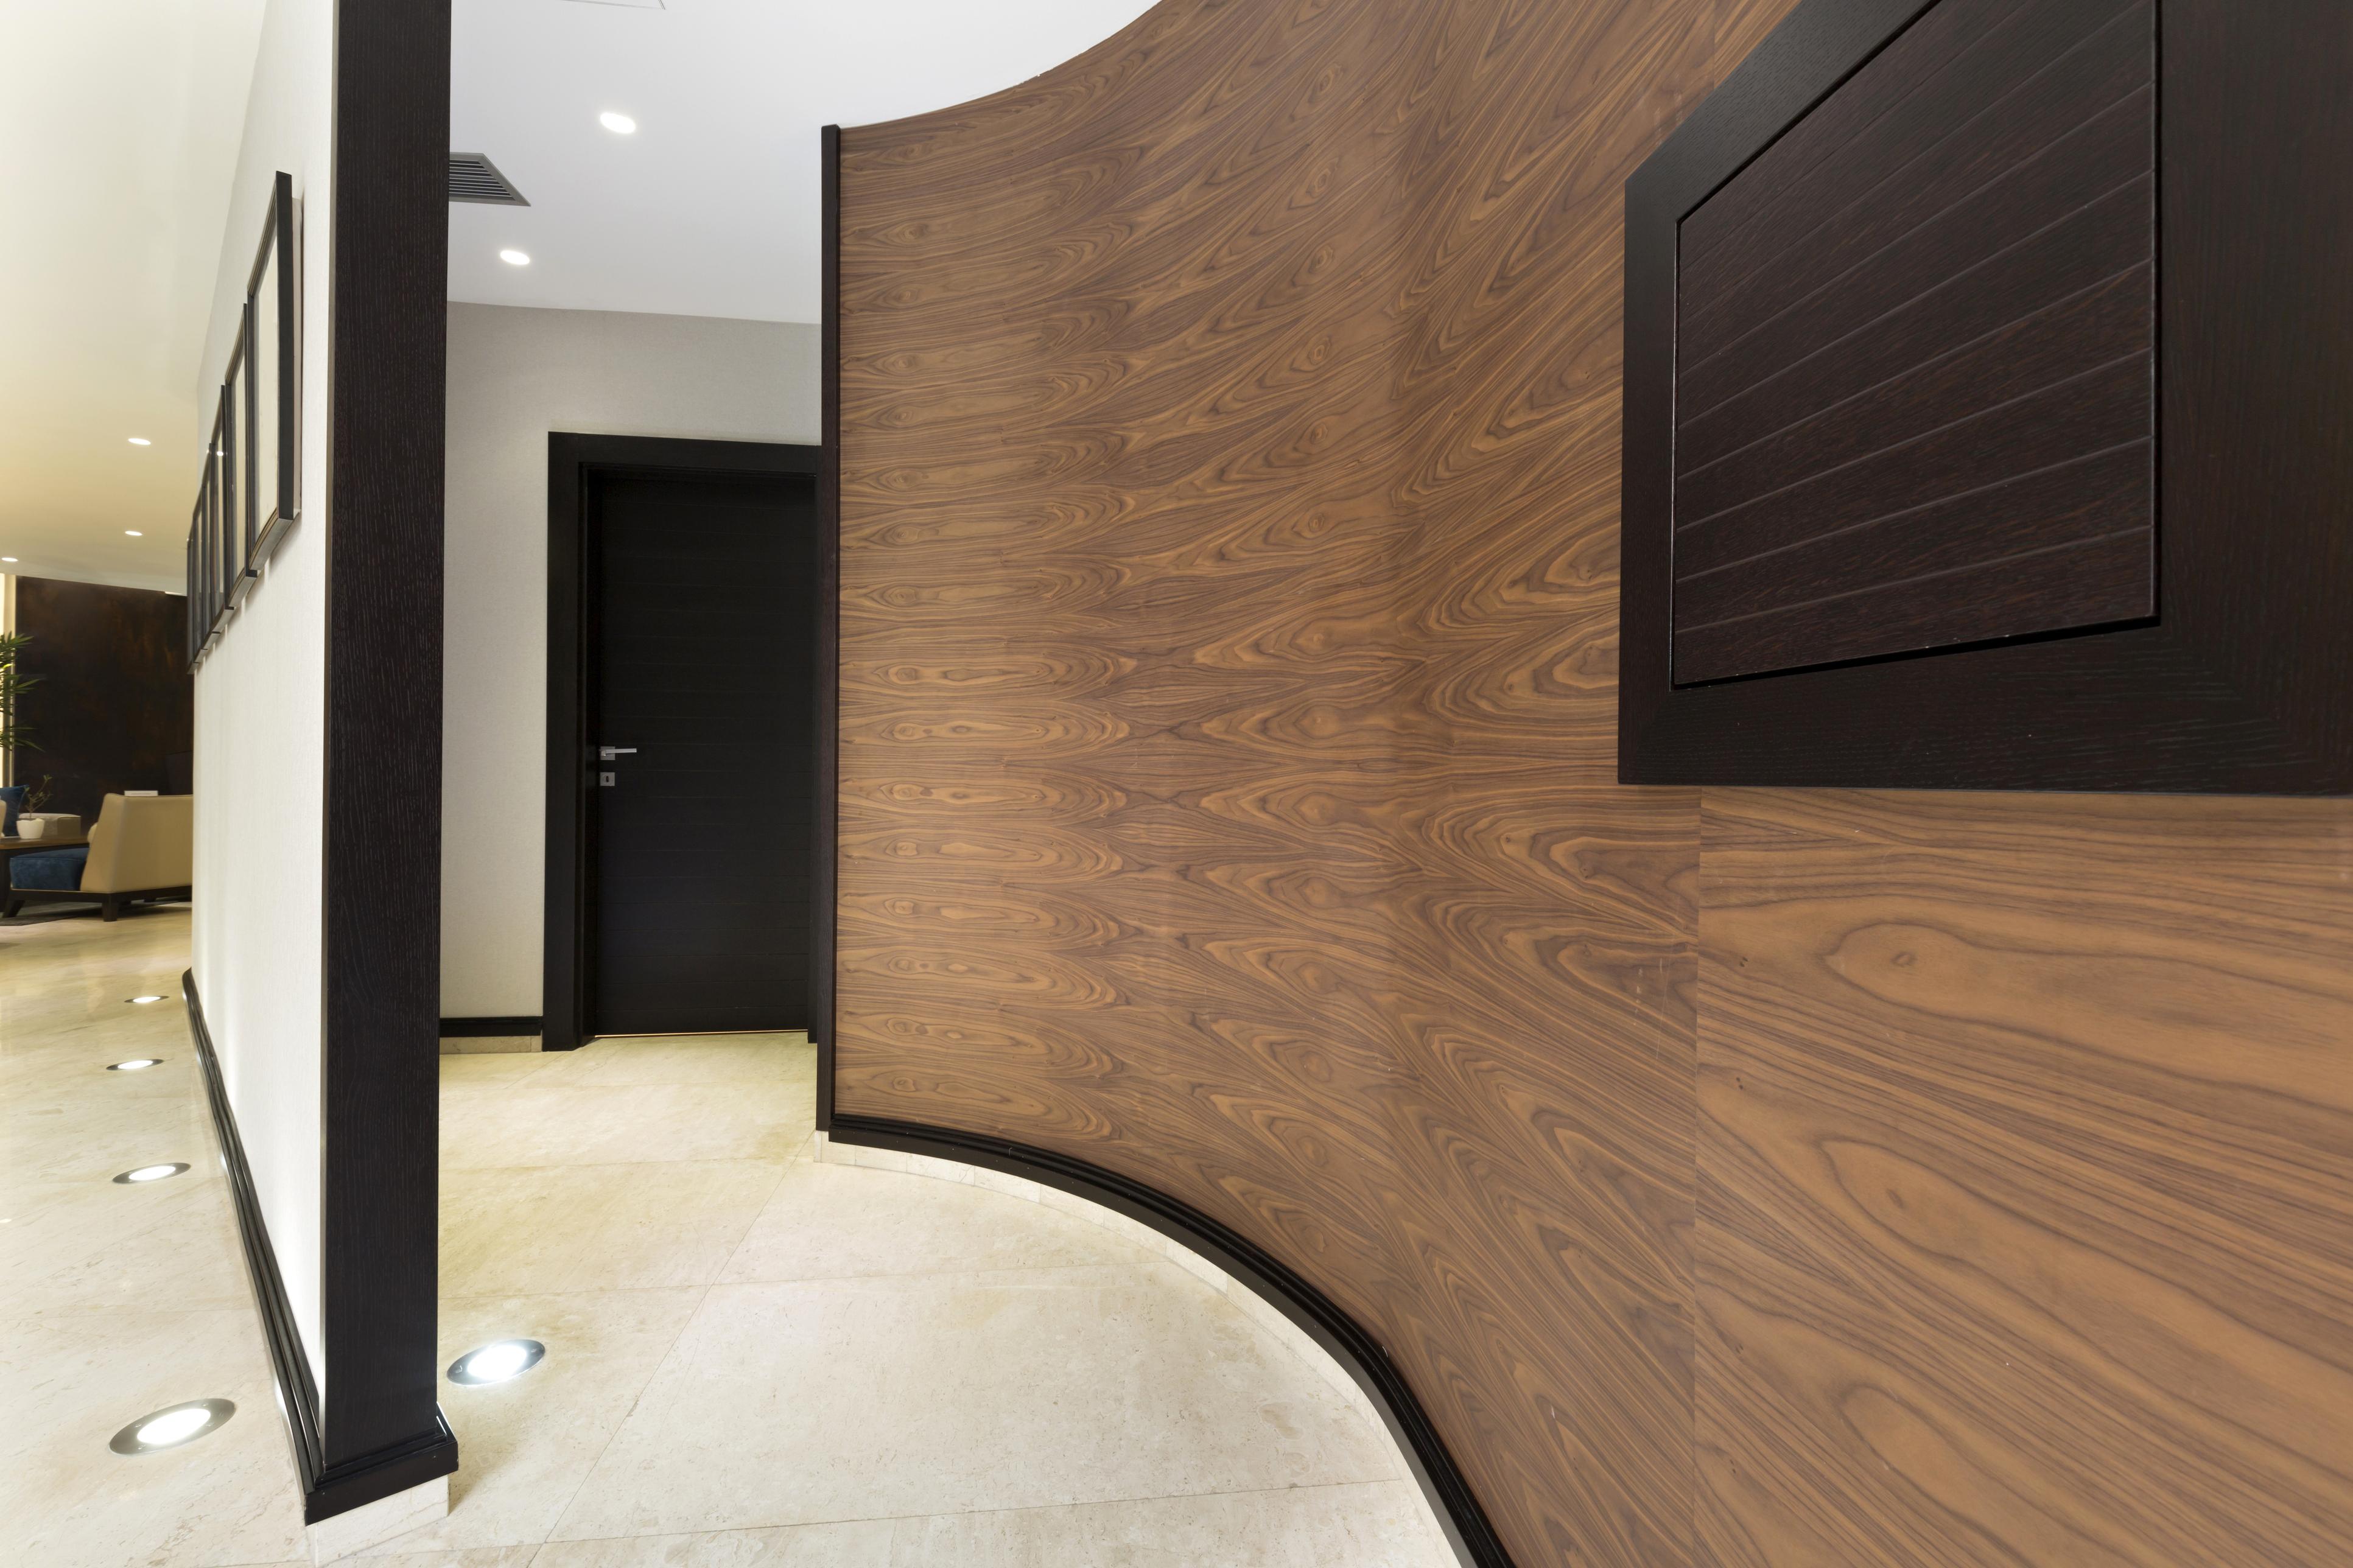 The Panel Company - RMD Wall Panel